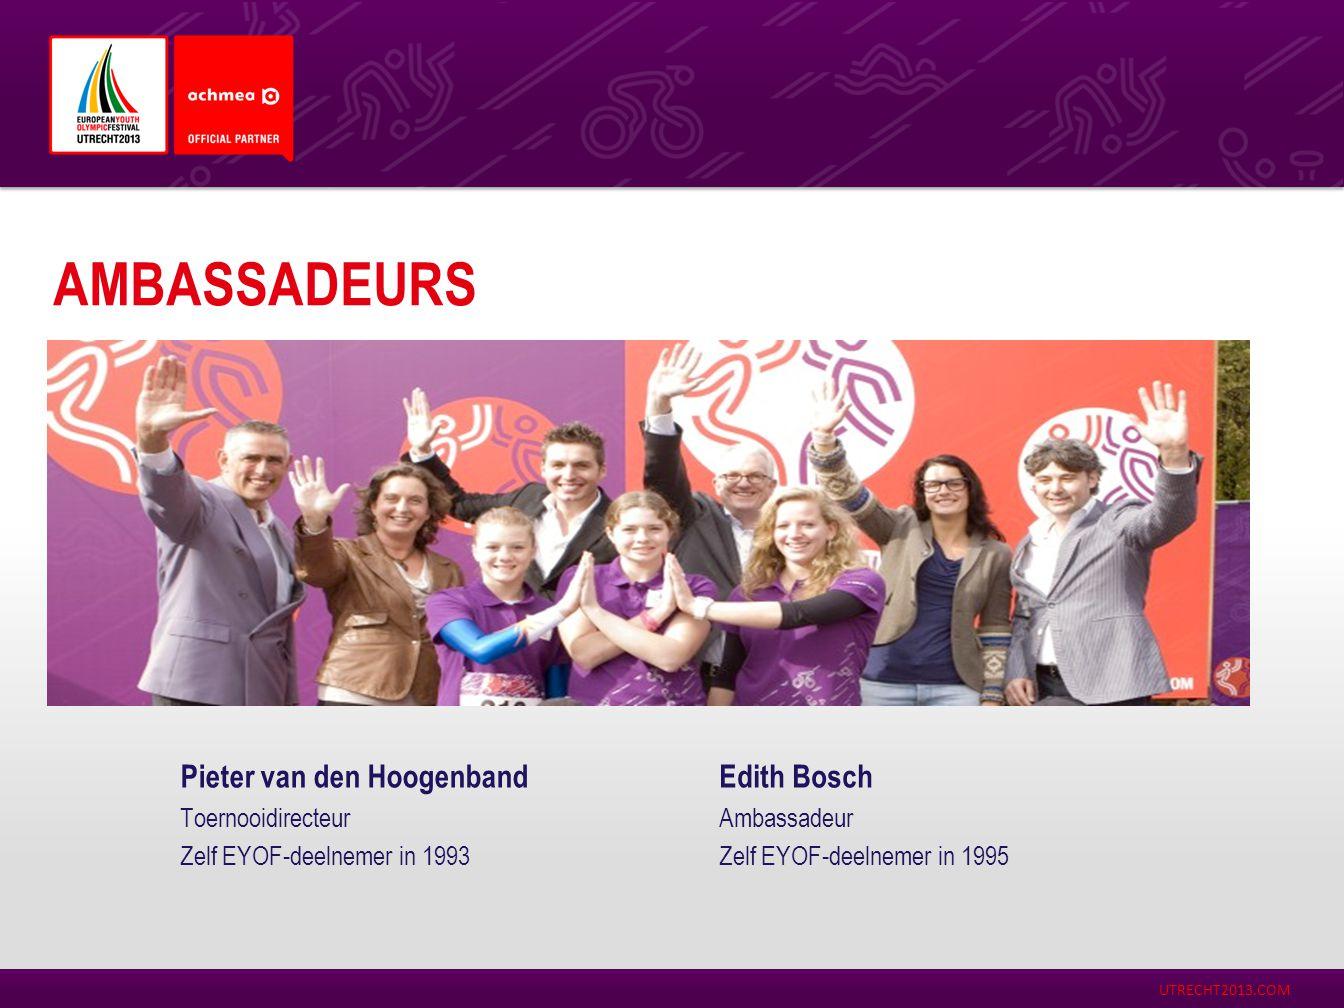 UTRECHT2013.COM AMBASSADEURS Pieter van den Hoogenband Toernooidirecteur Zelf EYOF-deelnemer in 1993 Edith Bosch Ambassadeur Zelf EYOF-deelnemer in 19